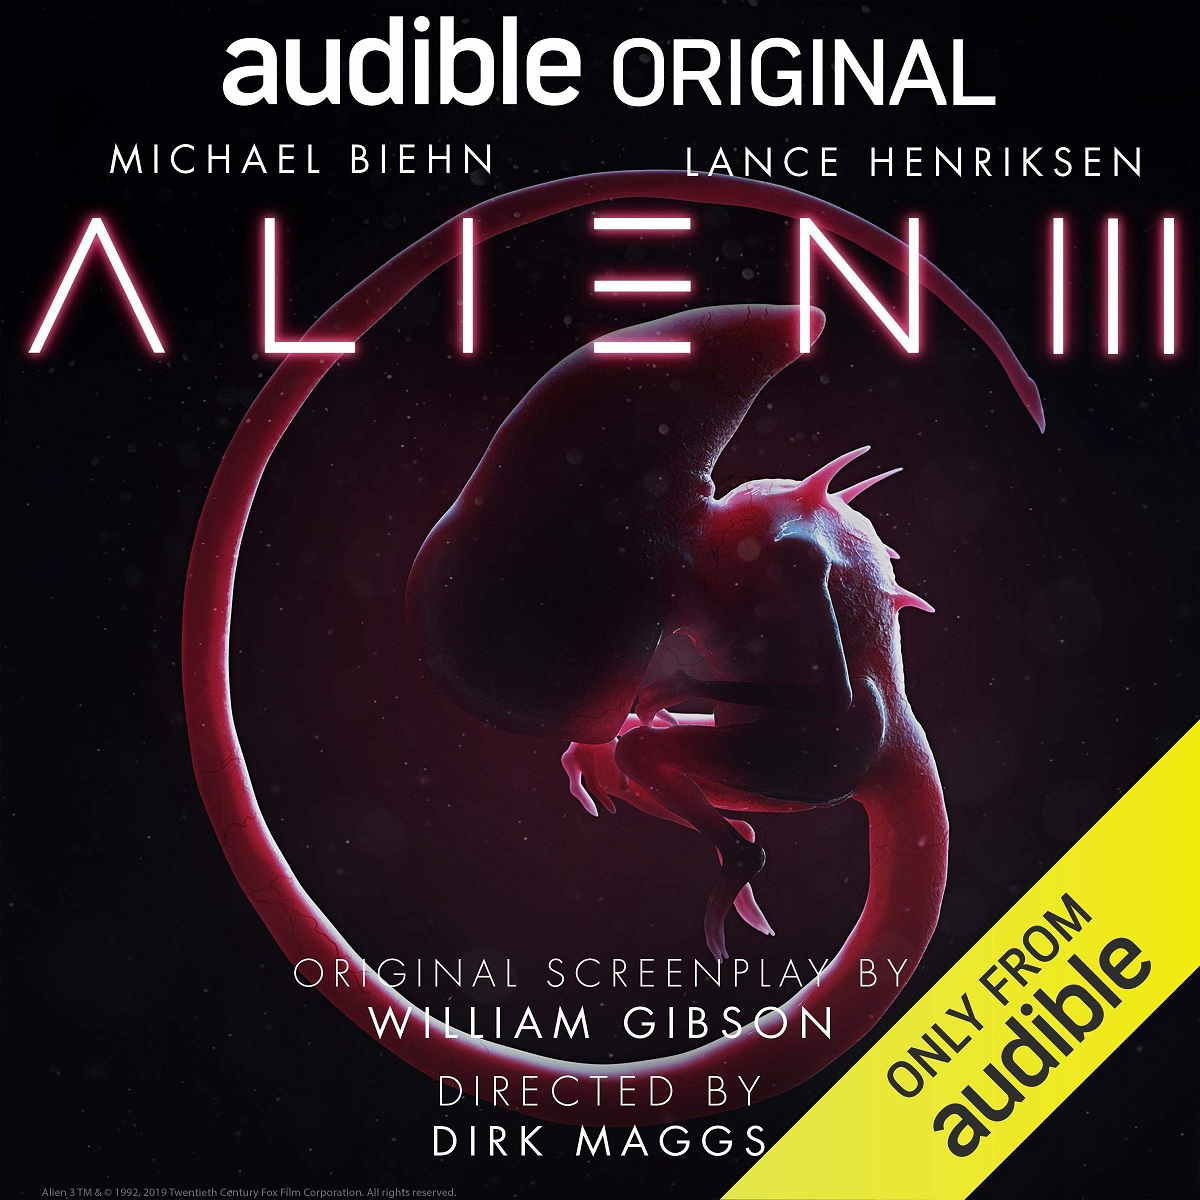 alien-iii-audible-william gibson.jpg